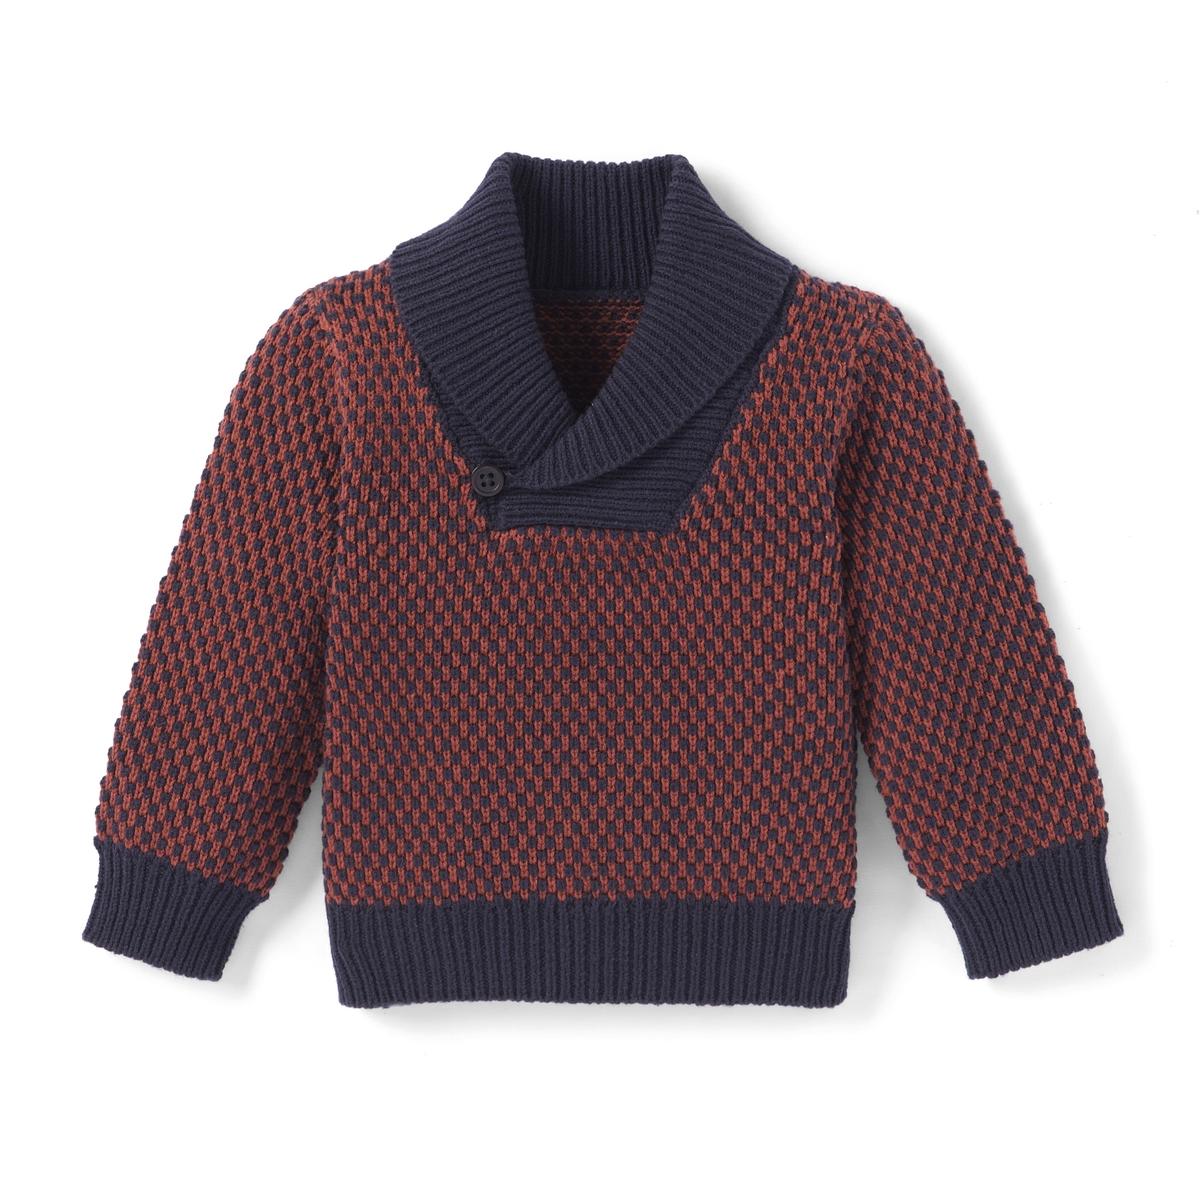 Пуловер из плотного трикотажа с шалевым воротником Oeko Tex